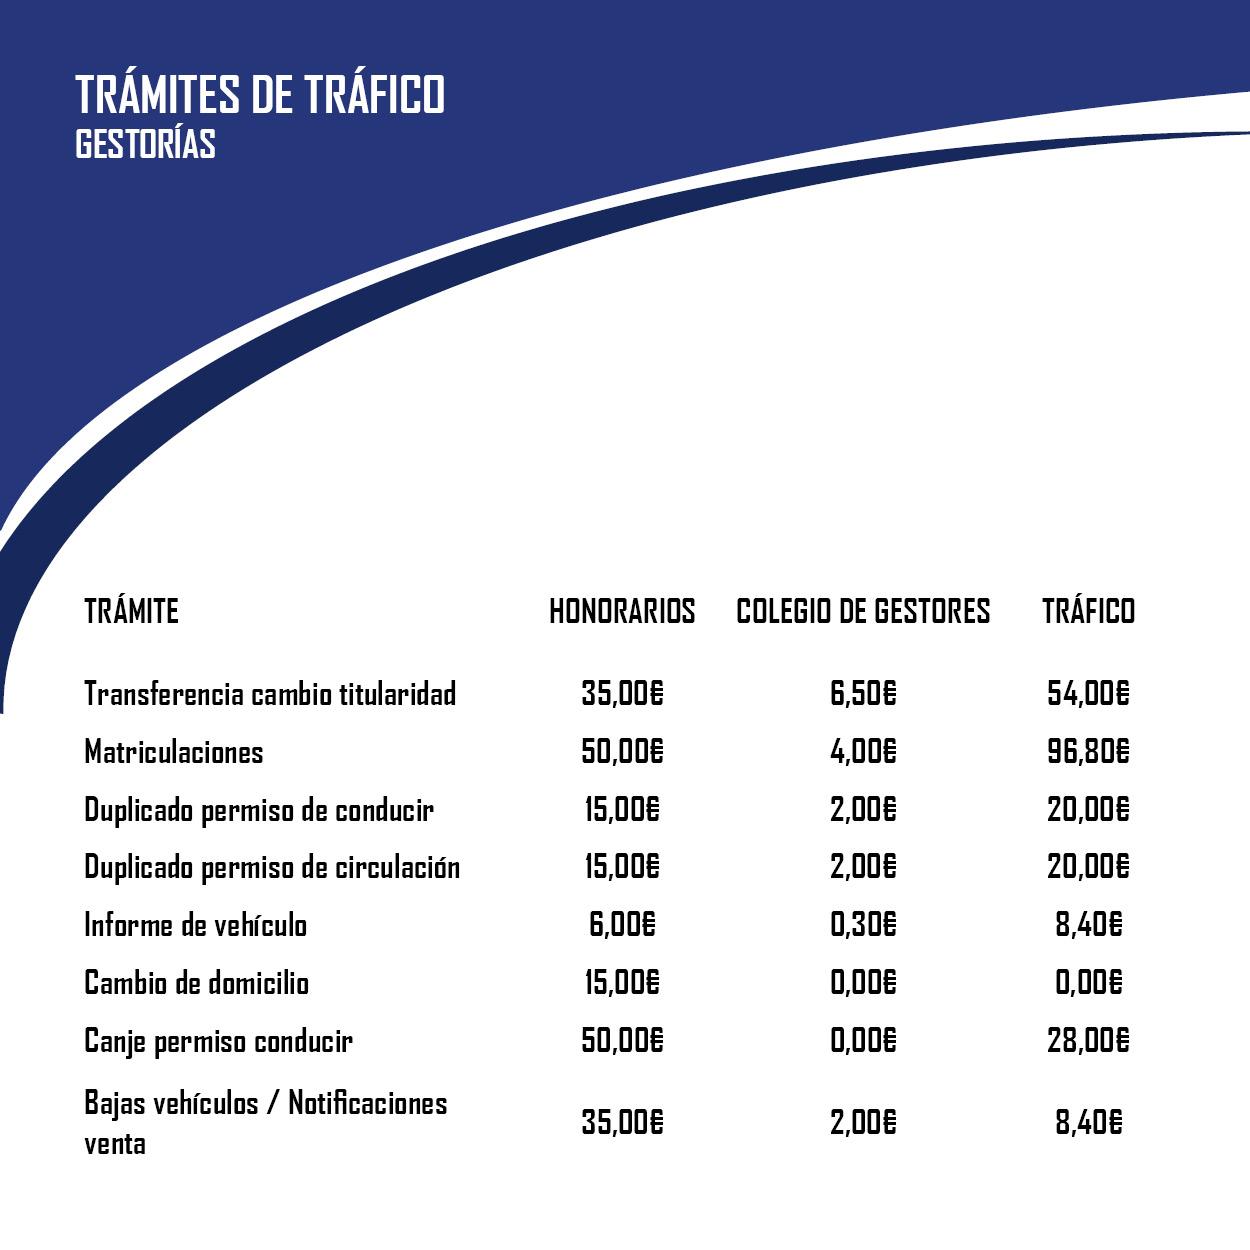 tarifas_diapo_estandar_trafico2